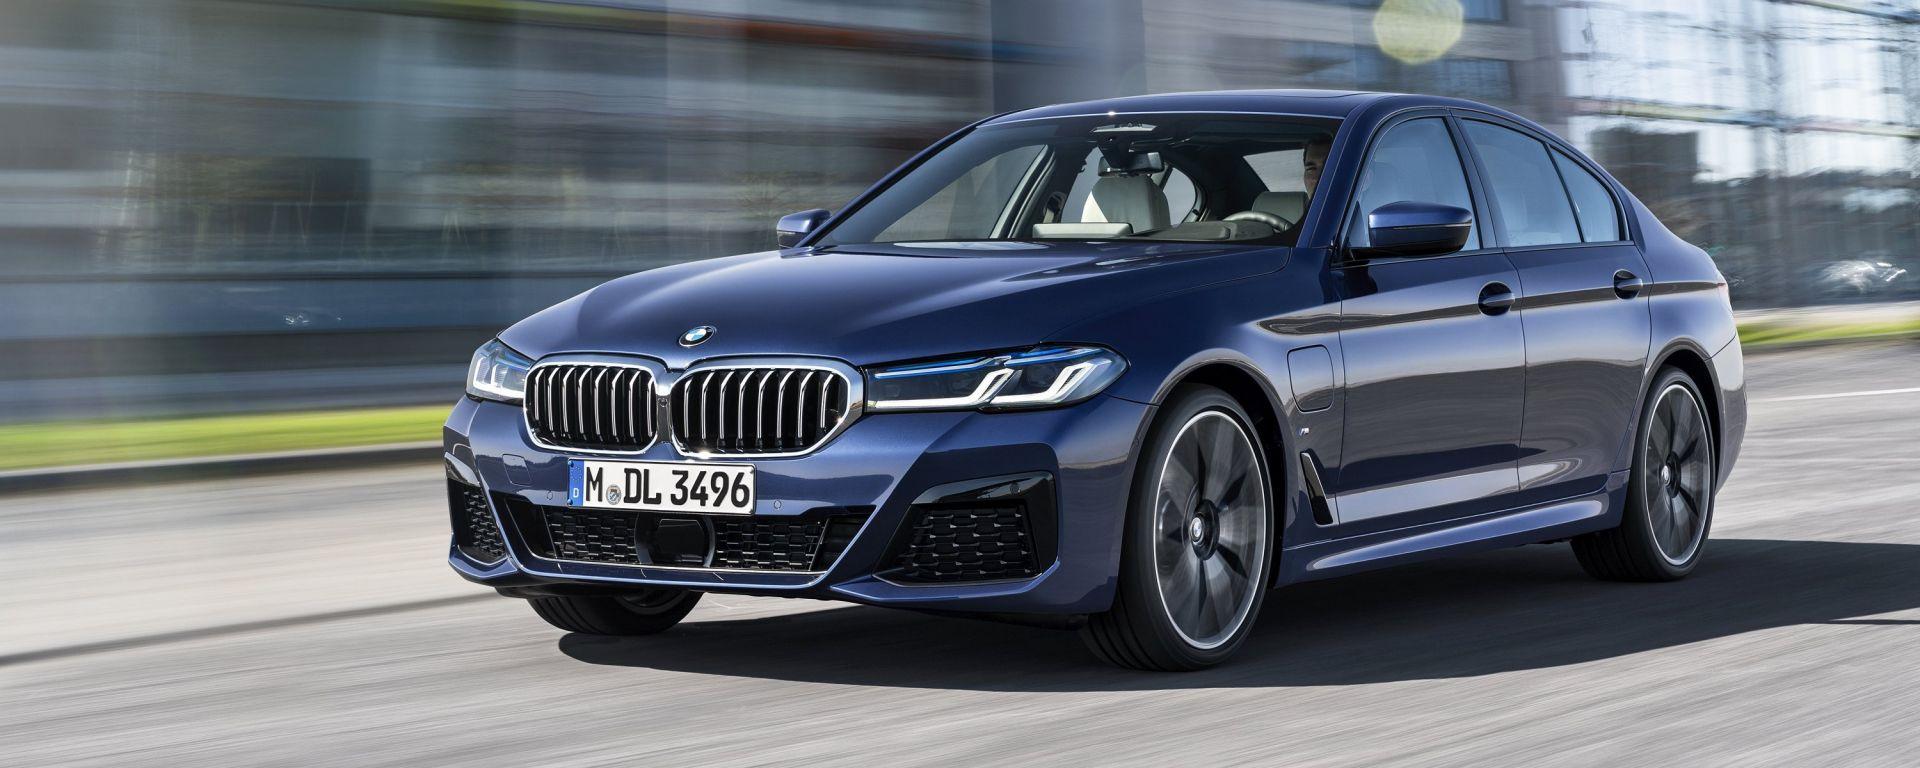 BMW Serie 5 2020 Sedan: visuale di 3/4 anteriore